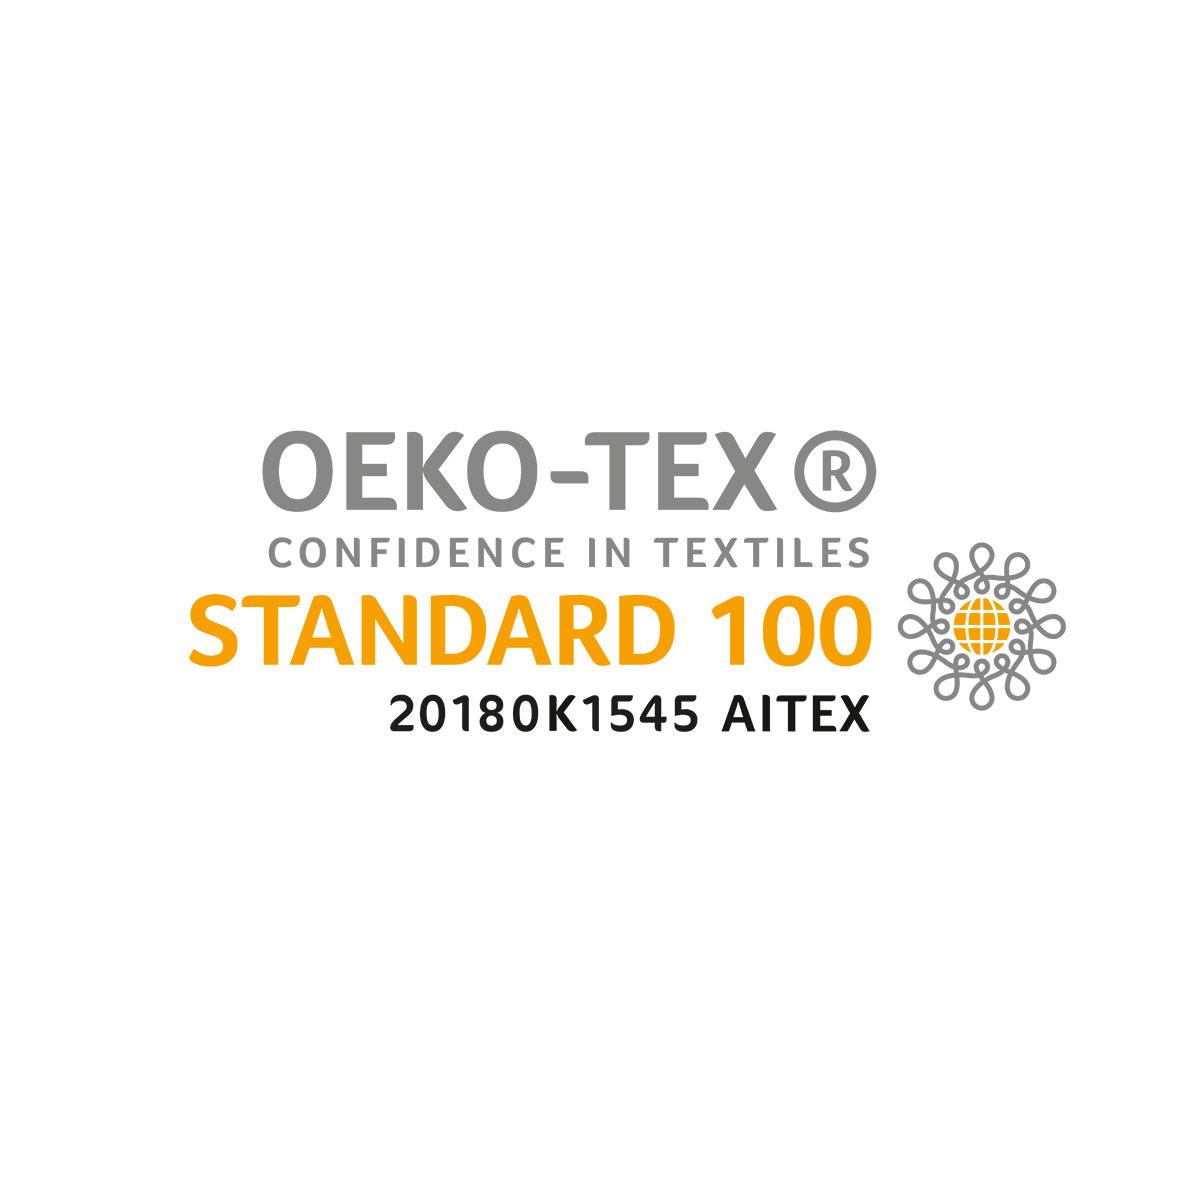 OEKO-TEX-Standart-100